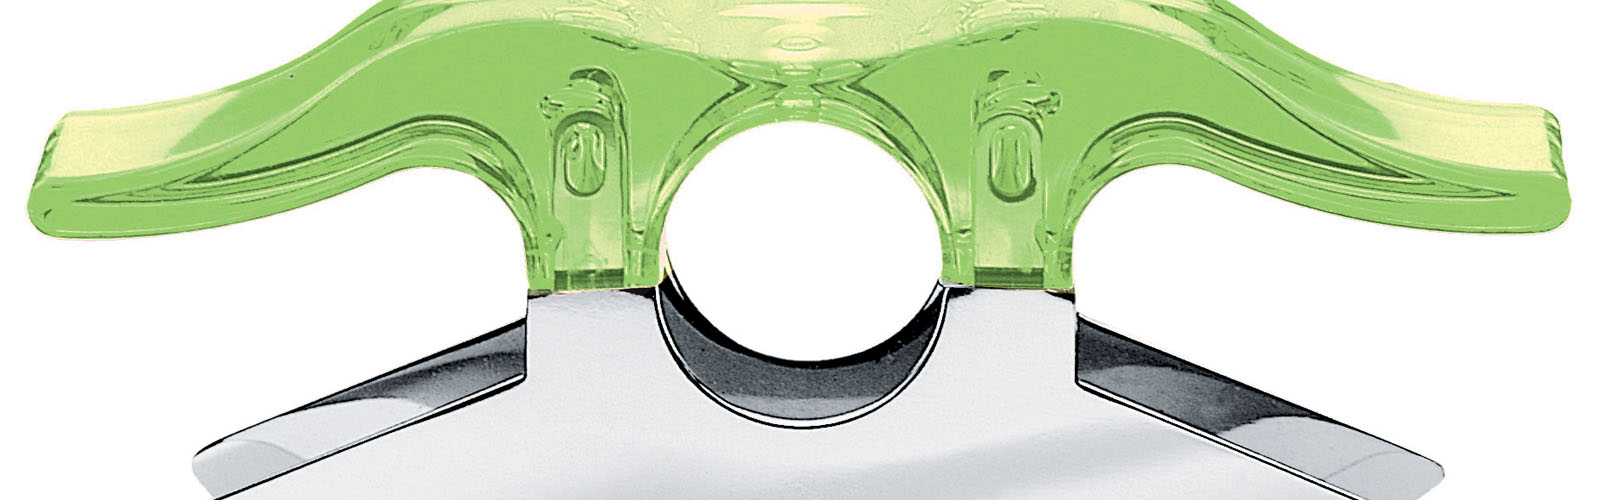 Posate design in acciaio made in italy mepra s p a for Oggetti design arredamento